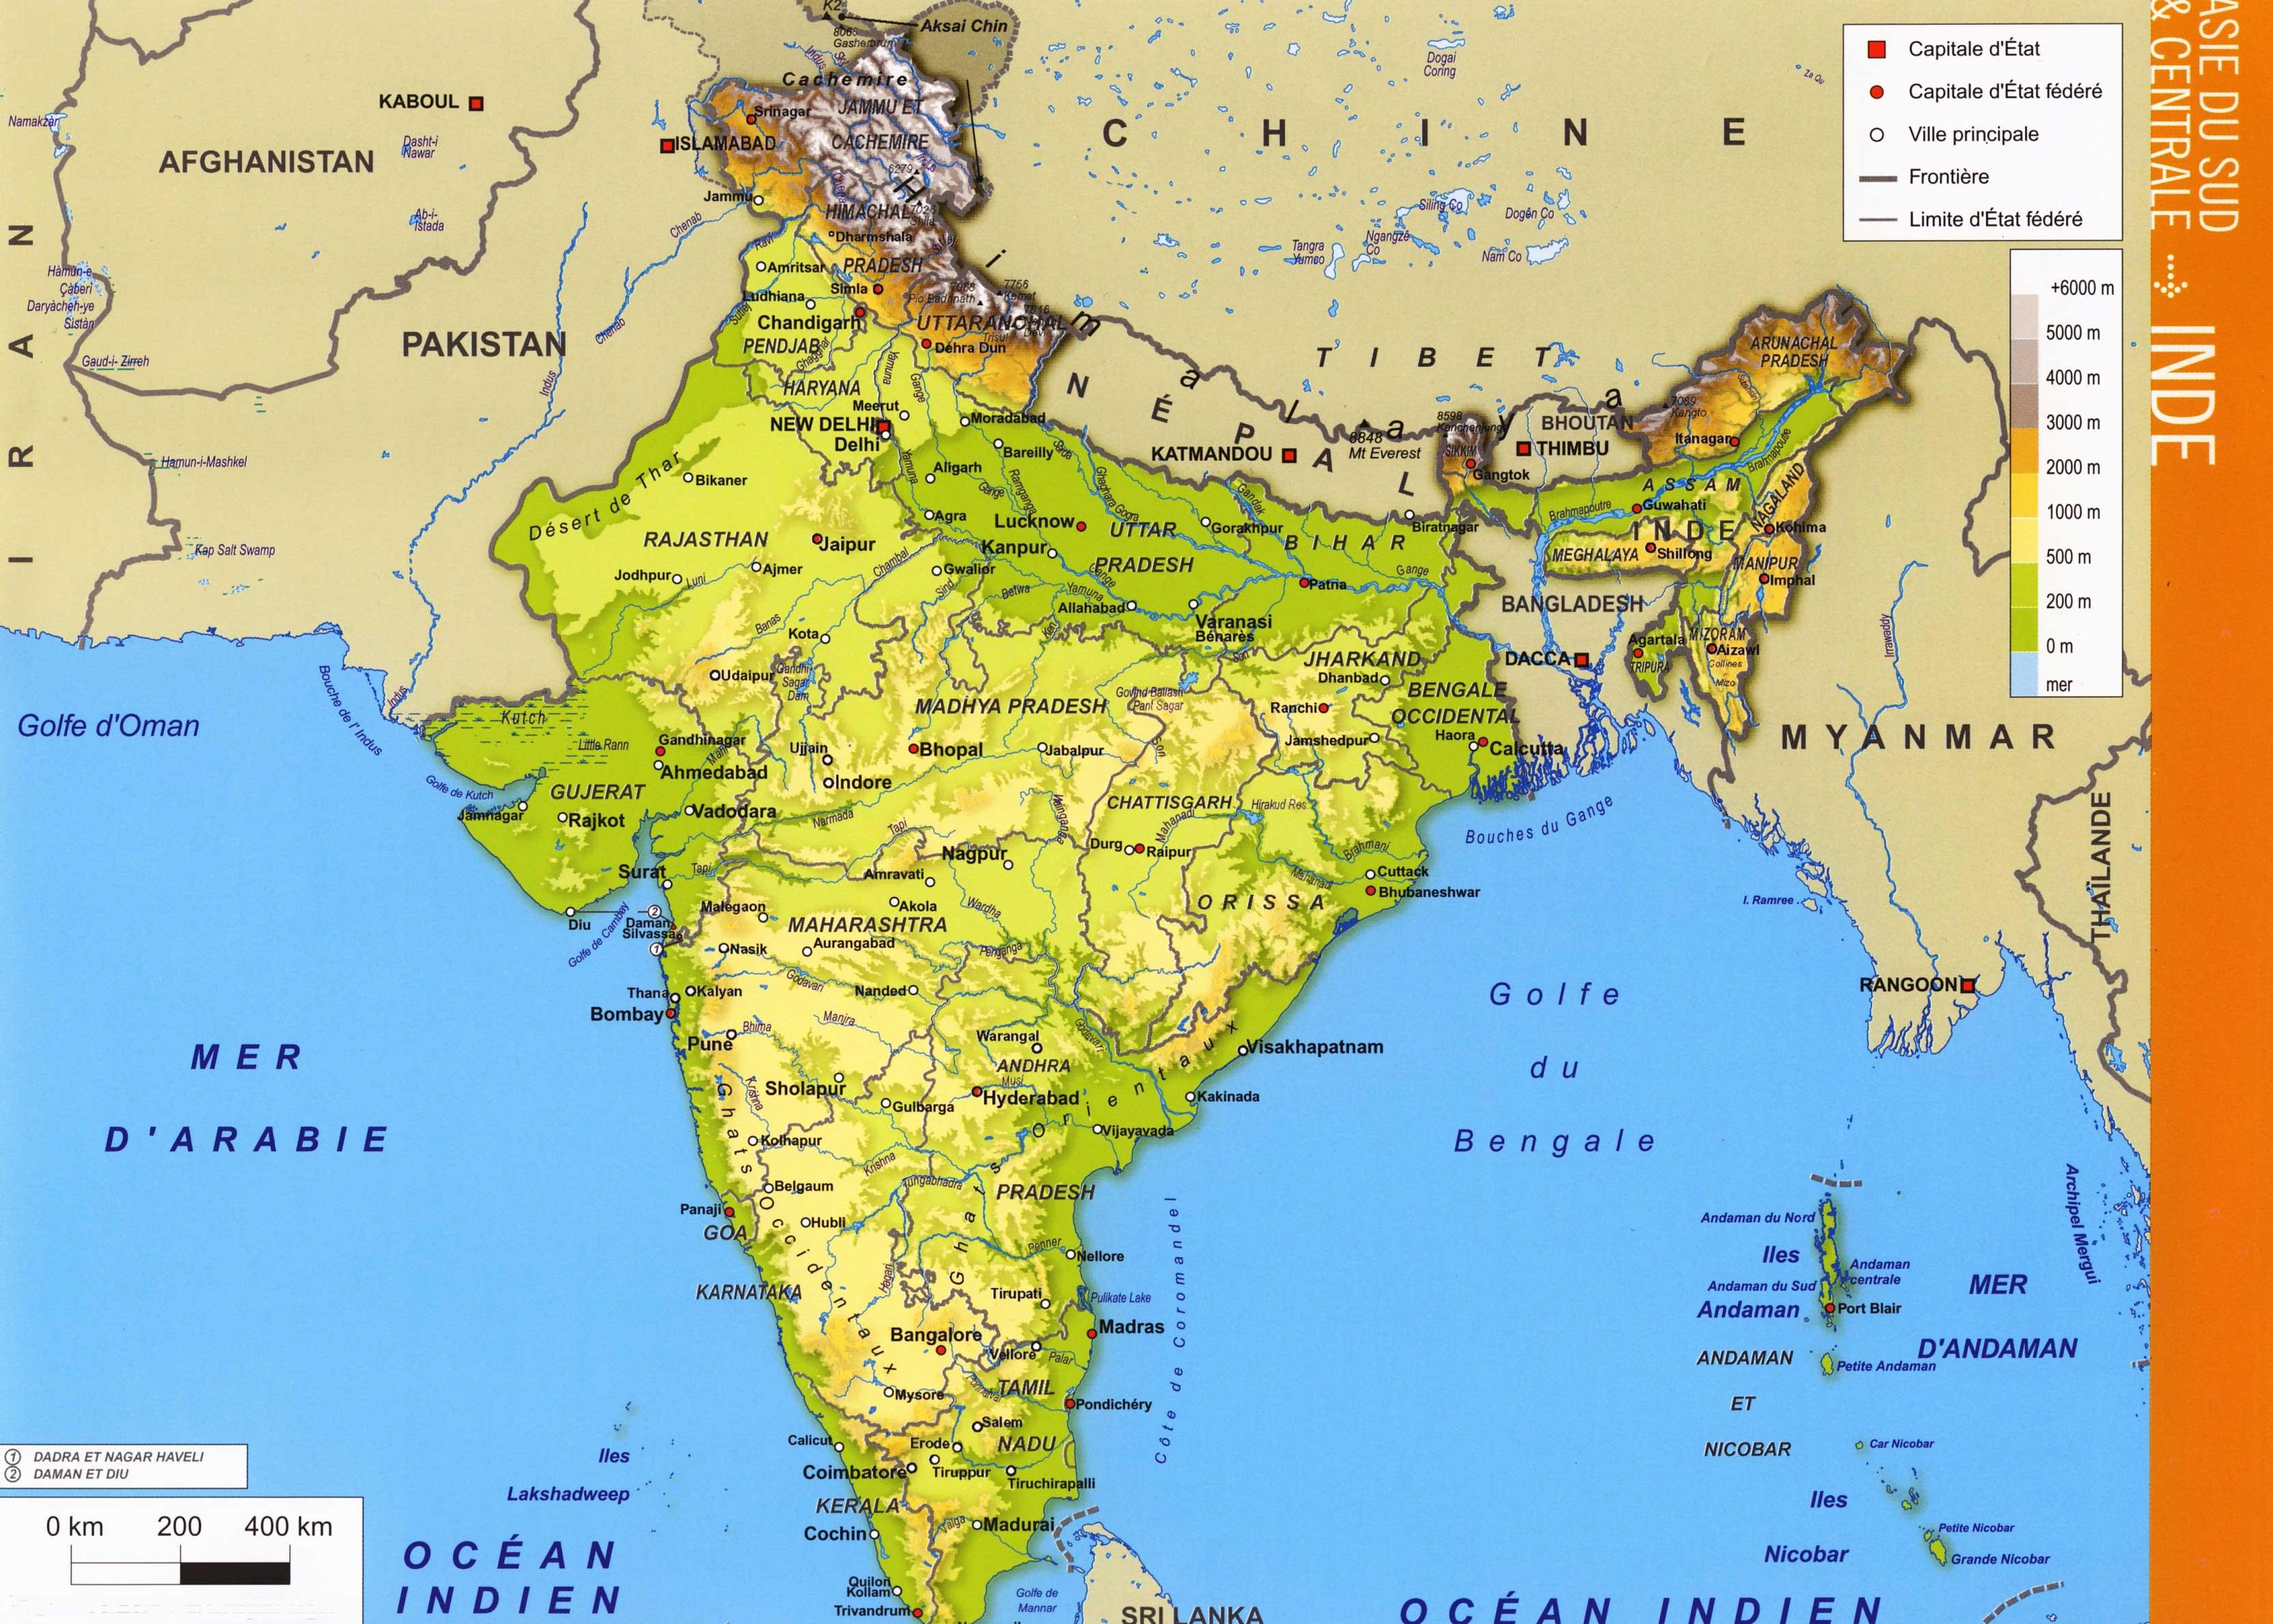 Carte De Linde Avec Le Gange.Inde Carte Vacances Arts Guides Voyages